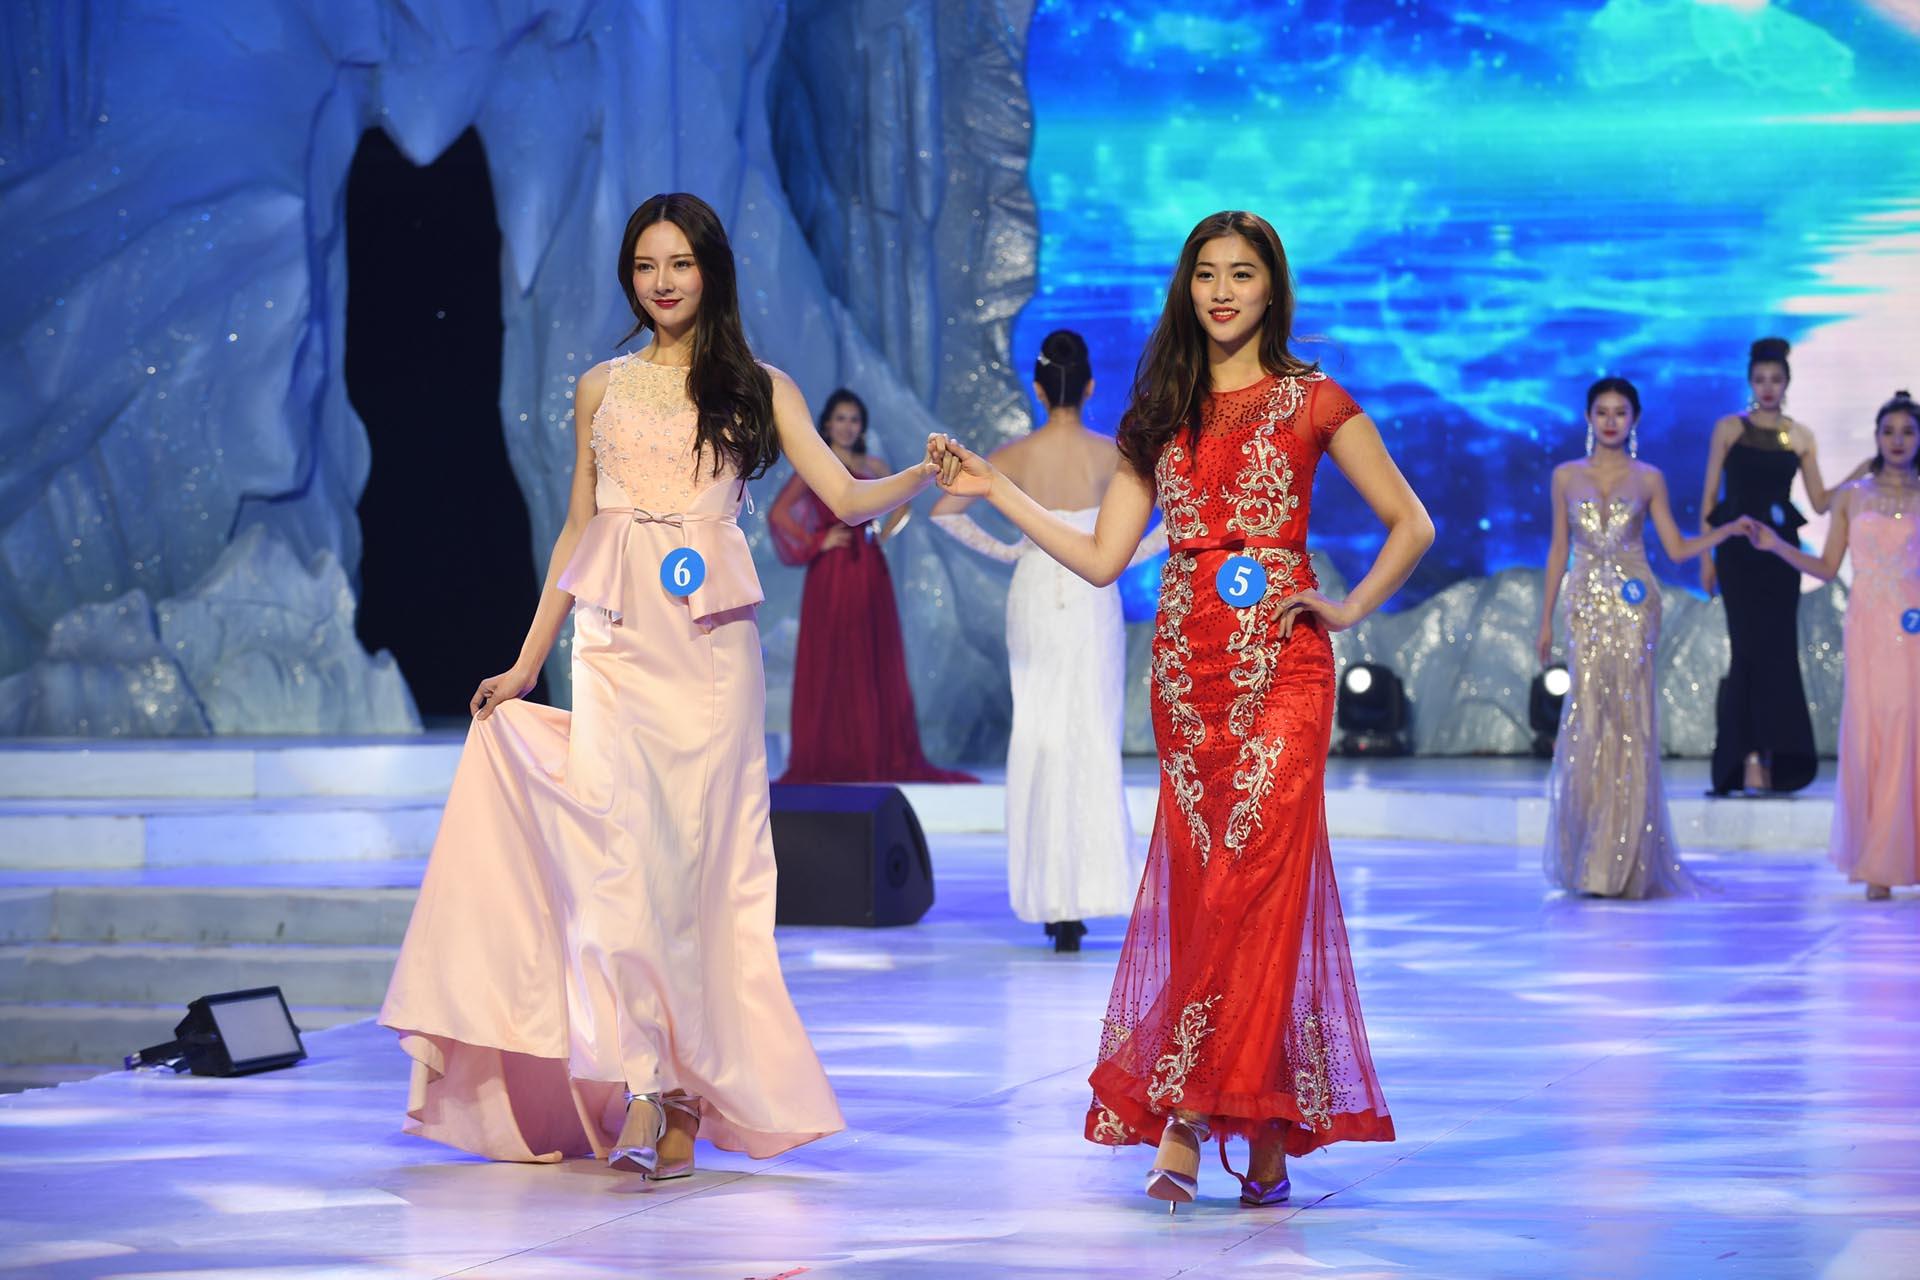 Международные конкурсы в китае